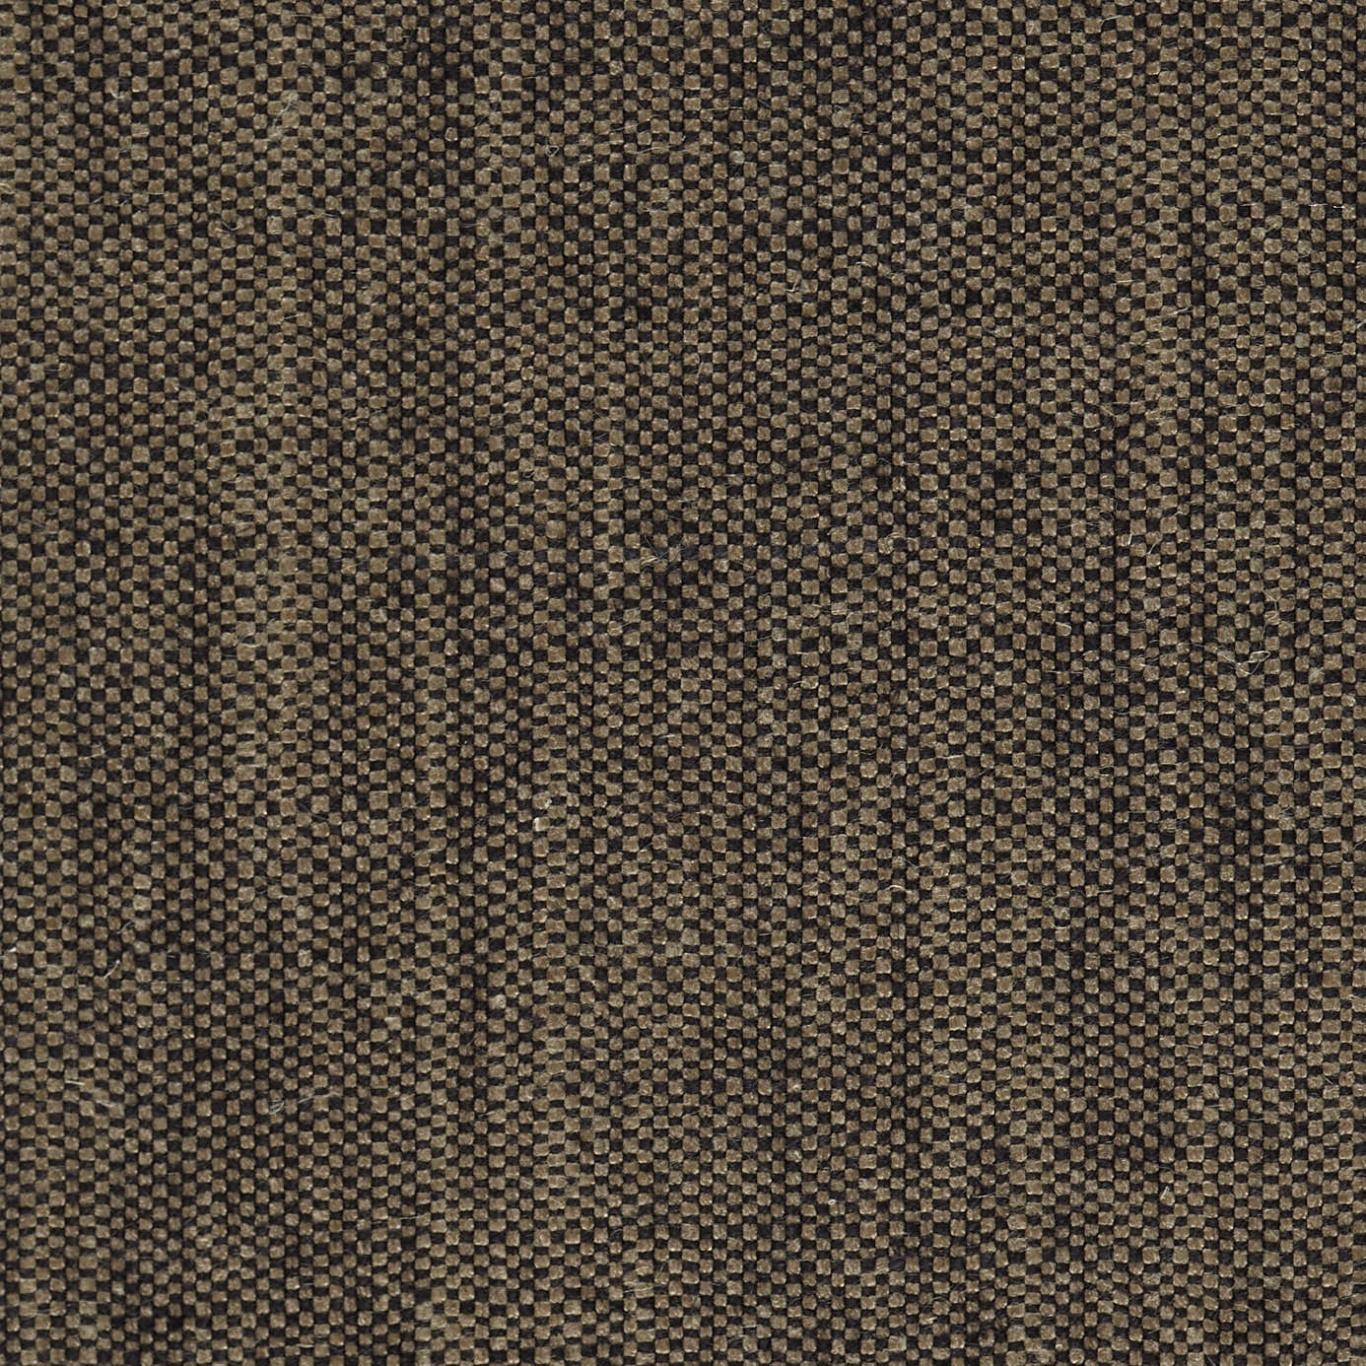 Image of Harlequin Atom Tortoiseshell Fabric 440332